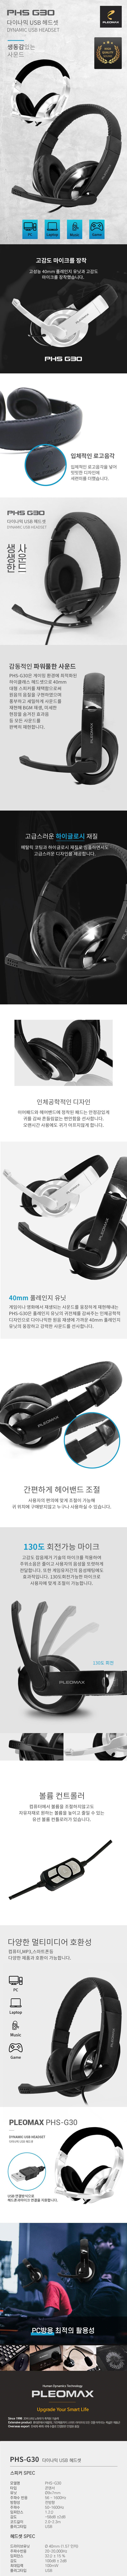 플레오맥스 PLEOMAX PHS-G30 게이밍 헤드셋